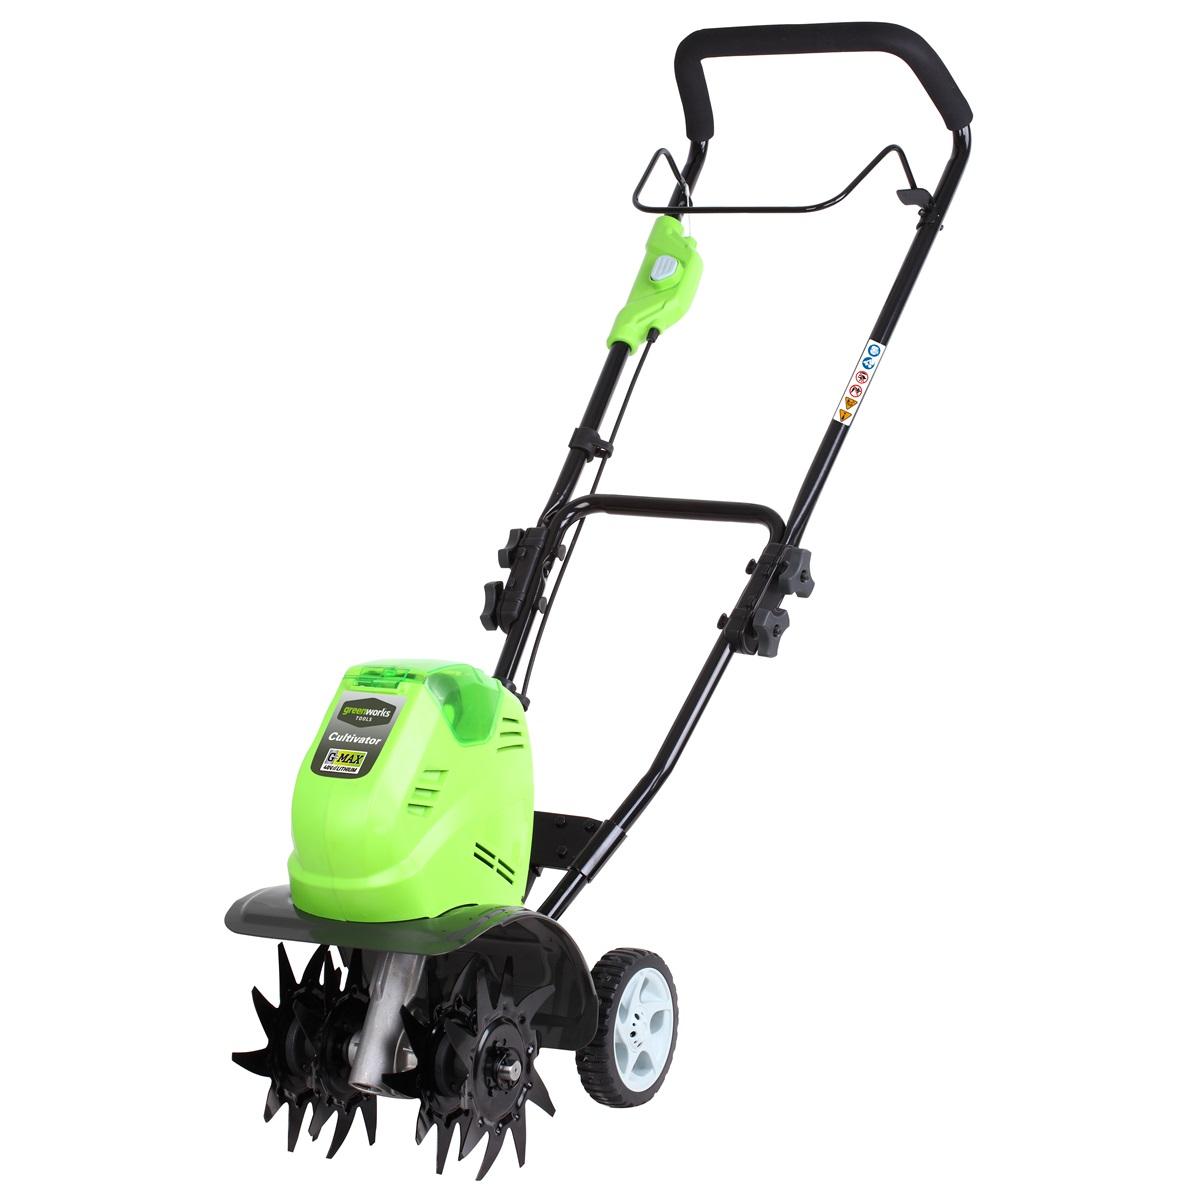 Greenworks G40TL